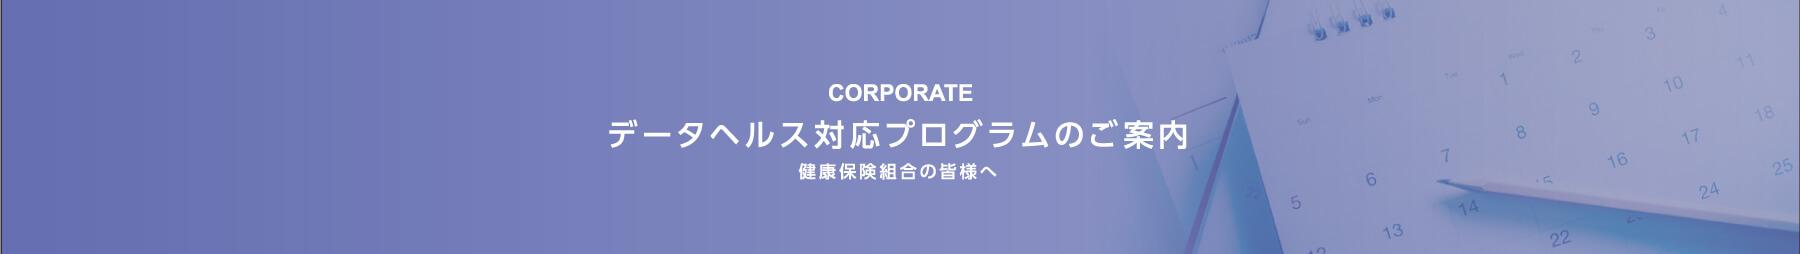 データヘルス対応プログラムのご案内 健康保険組合の皆様へ -CORPORATE-